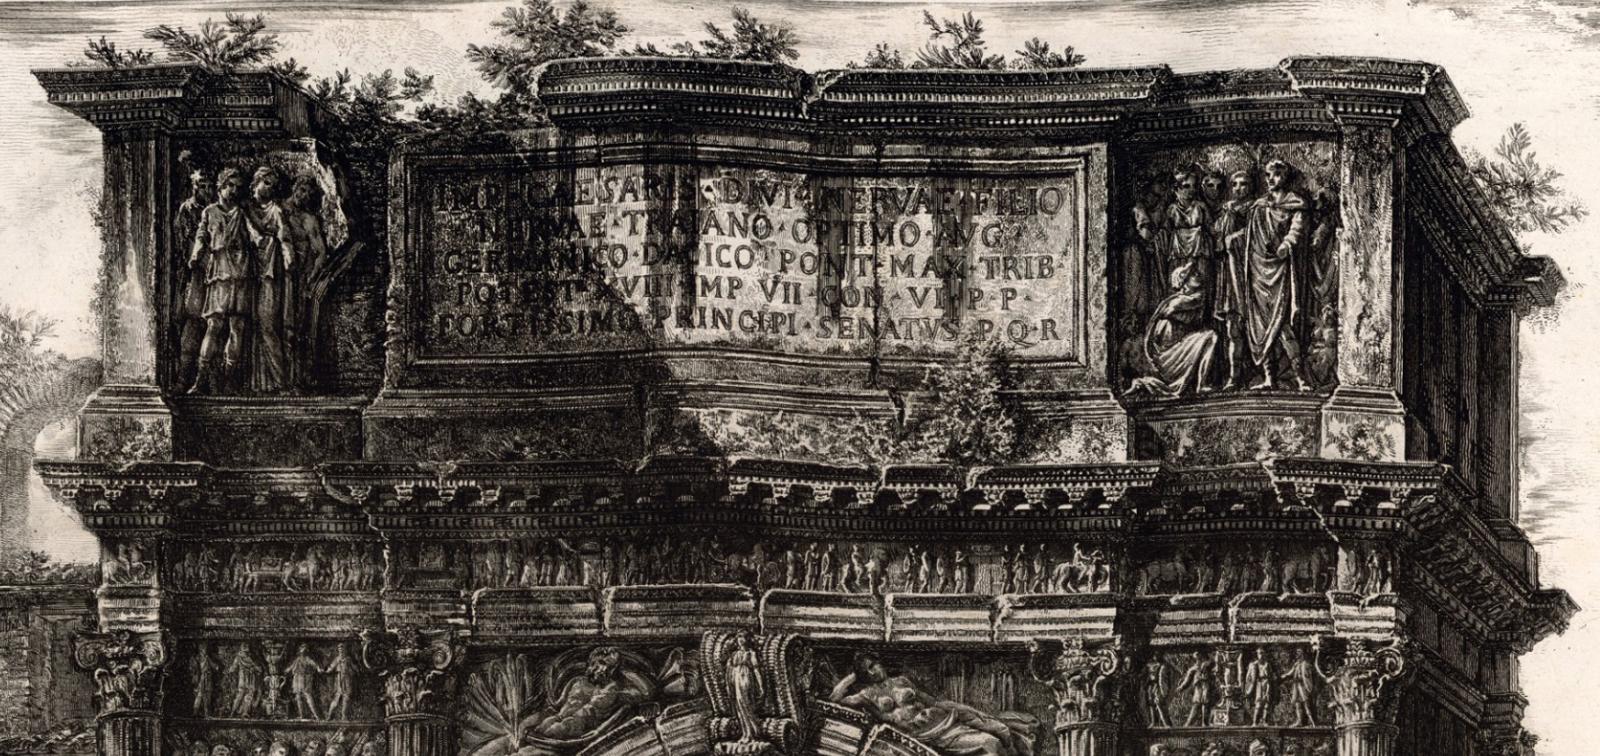 Antonio Joli, Visita de la reina María Amalia de Sajonia al Arco de Trajano en Benevento